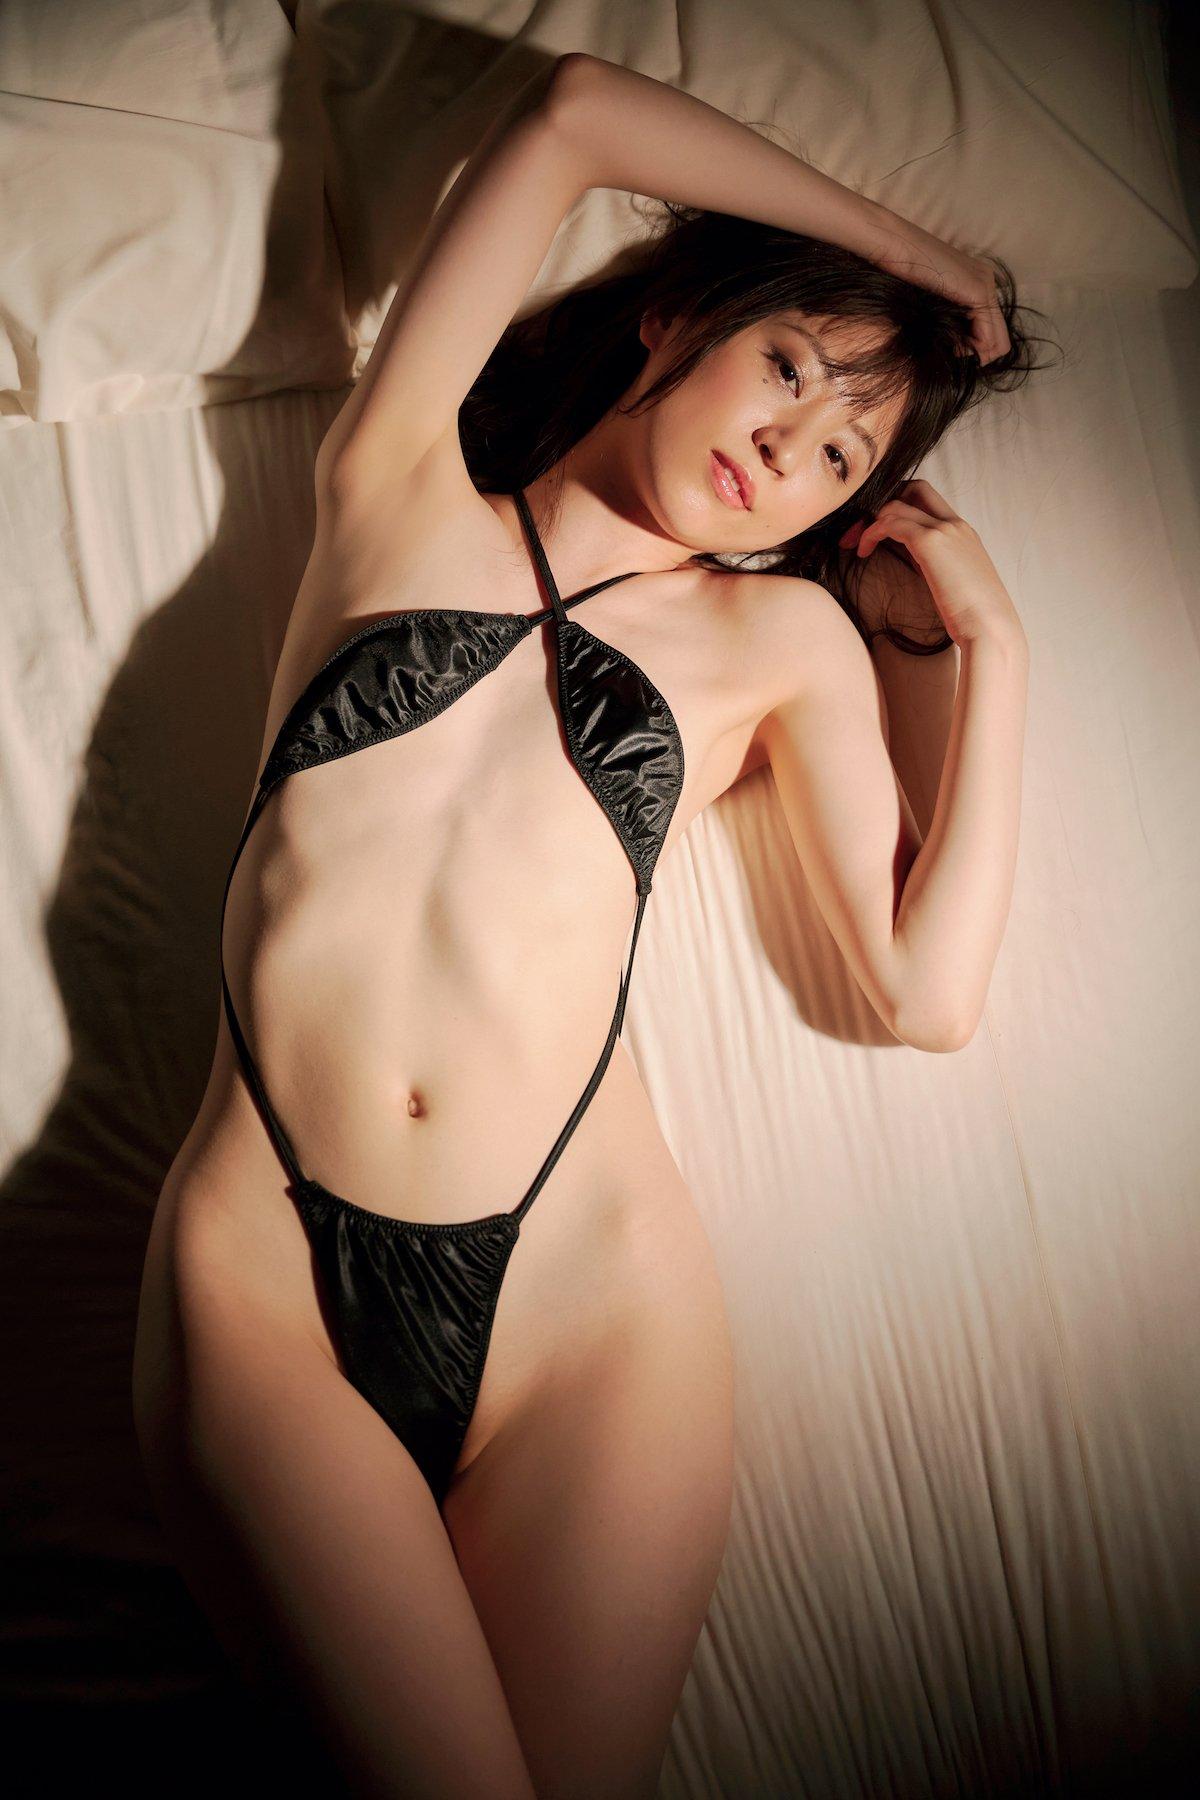 船岡咲「元ジュニアモデル」スレンダー美女のぷりぷり尻【画像10枚】の画像009